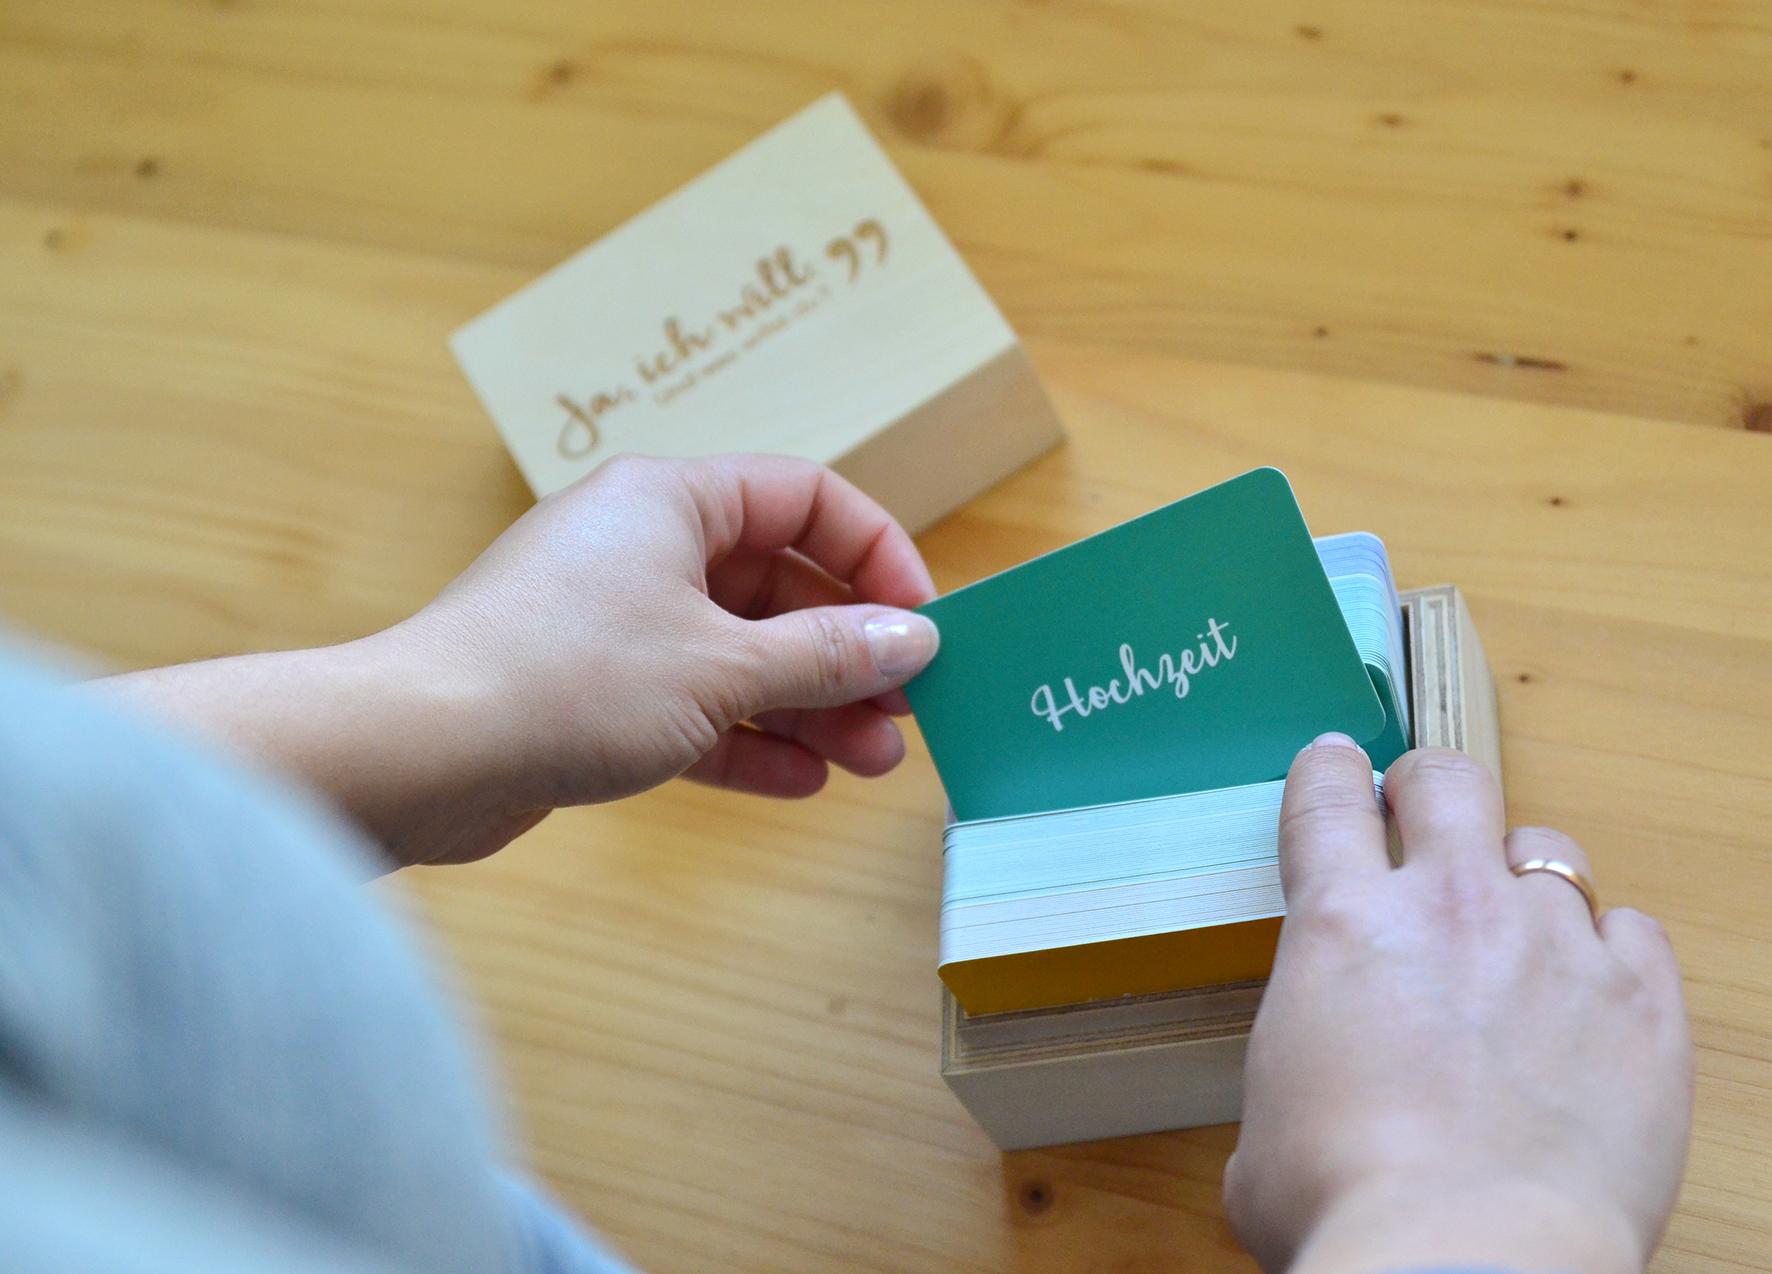 Kommunikationspiel mit Karten in Holzbox